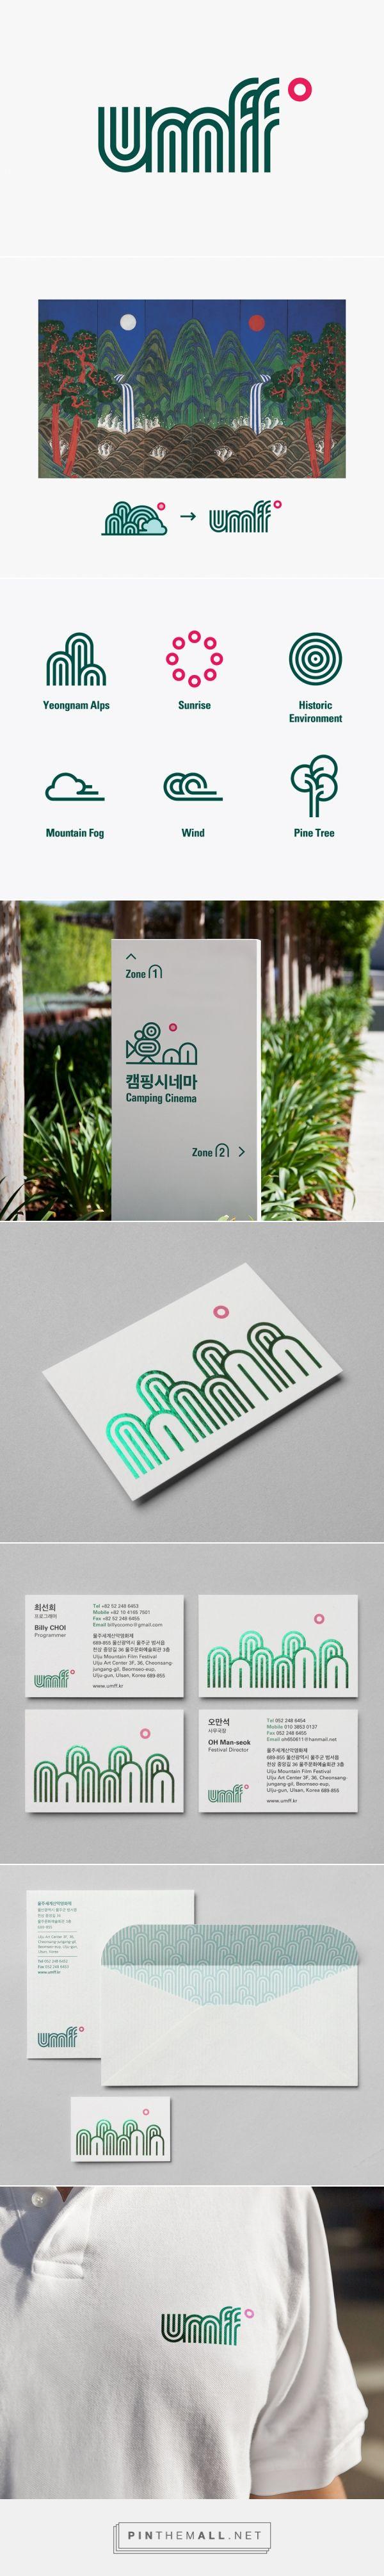 New Logo for Ulju Mountain Film Festival by Studio fnt